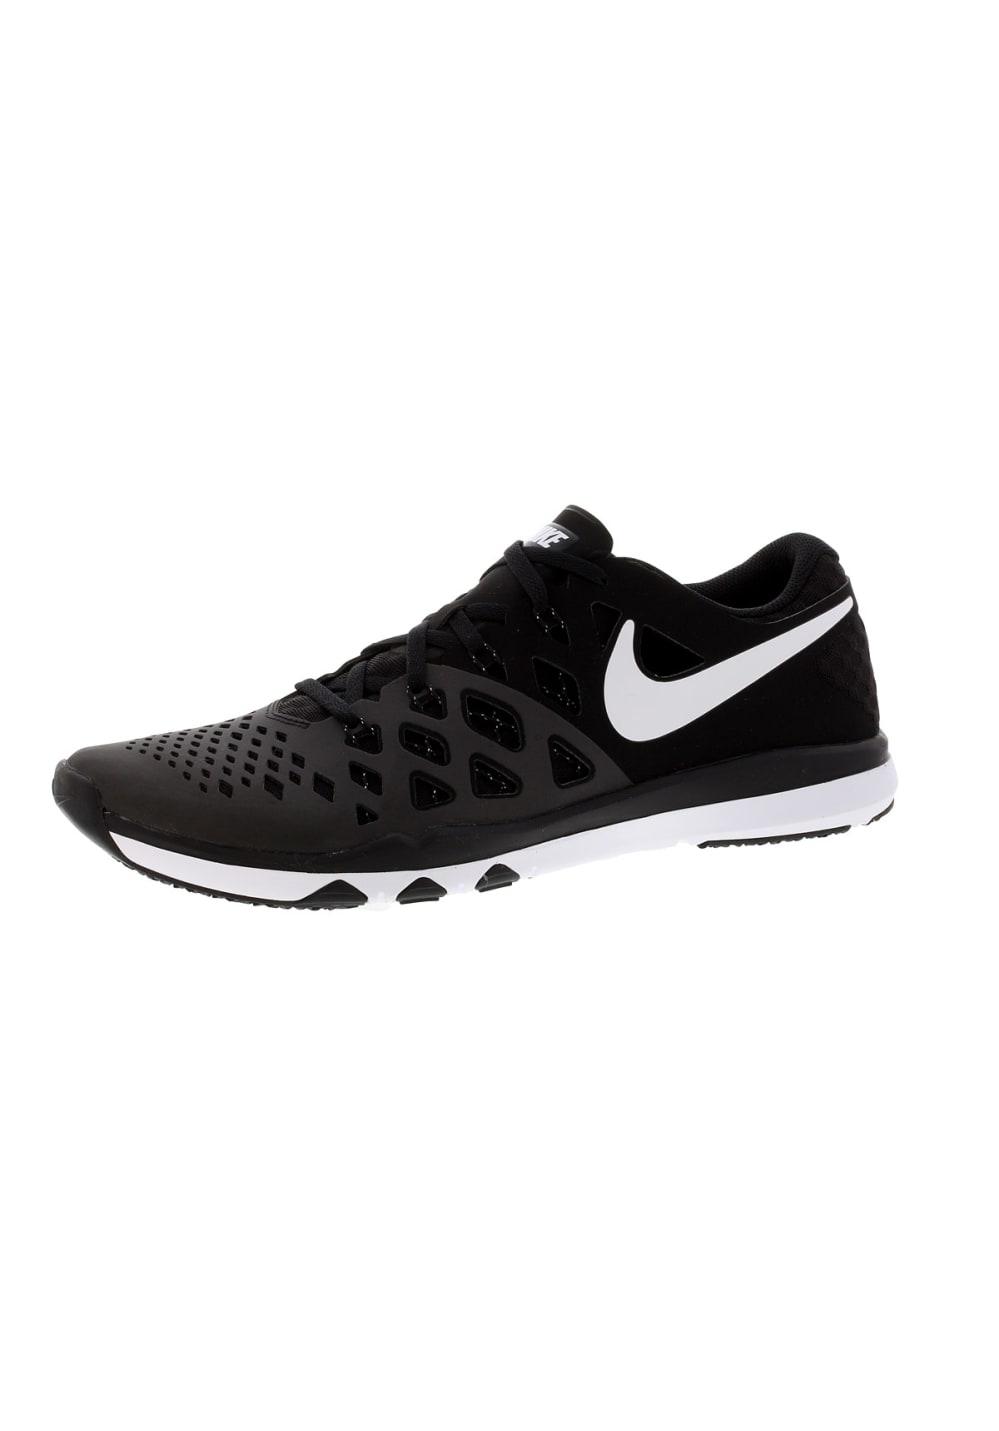 Nike Zoom Train Speed 4 - Fitnessschuhe für Herren - Schwarz